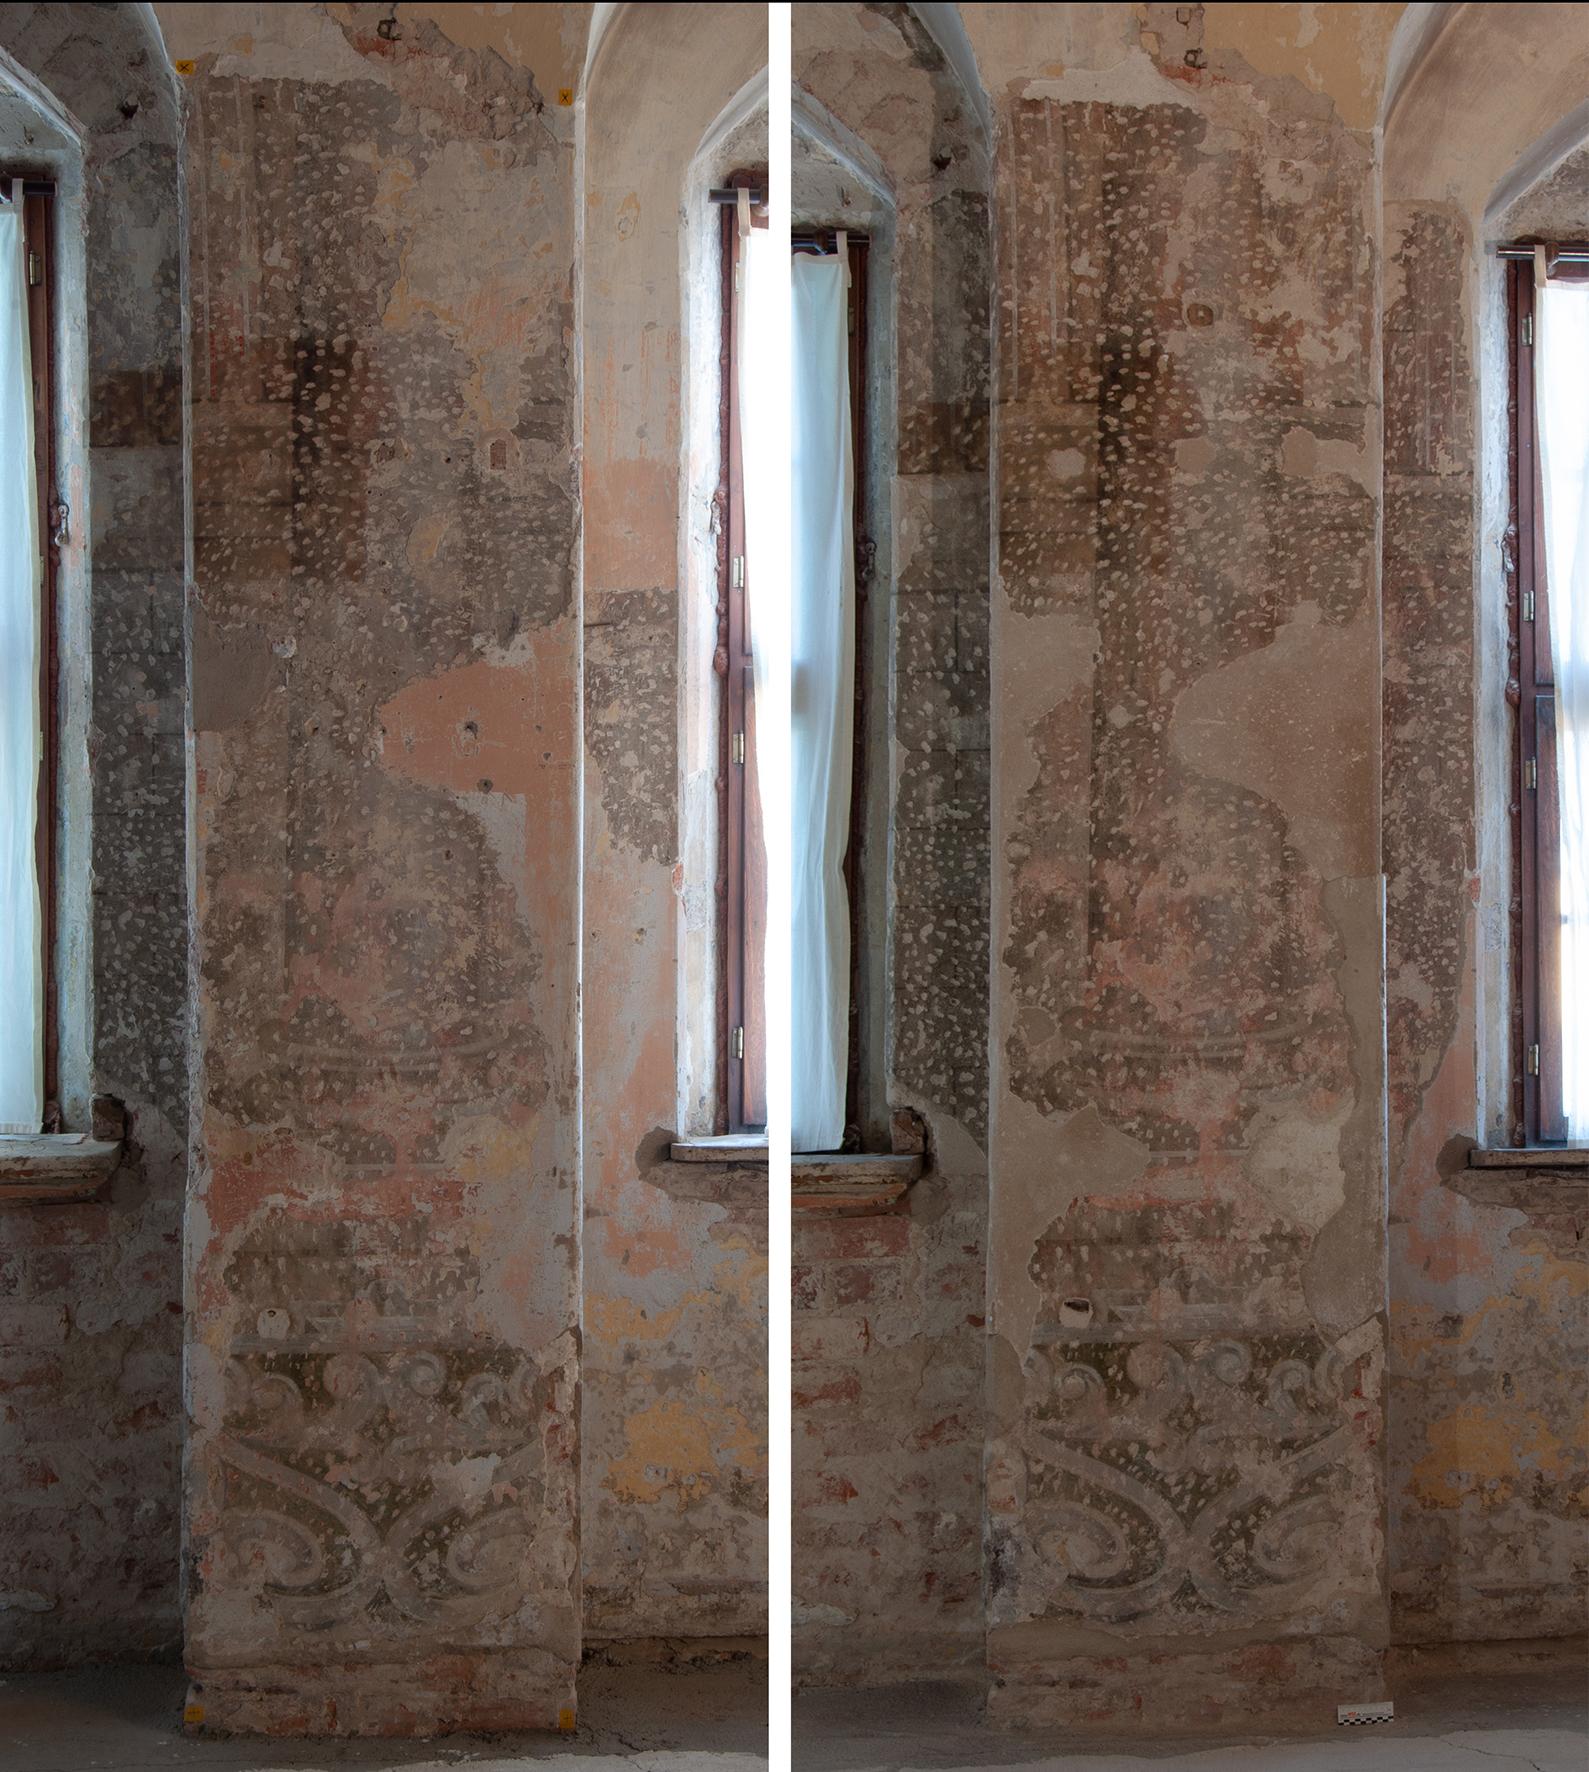 Foto Tino Simon südliches Frauengemach, Wandmalerei am Fensterpfeiler, Vor- und Nachzustand